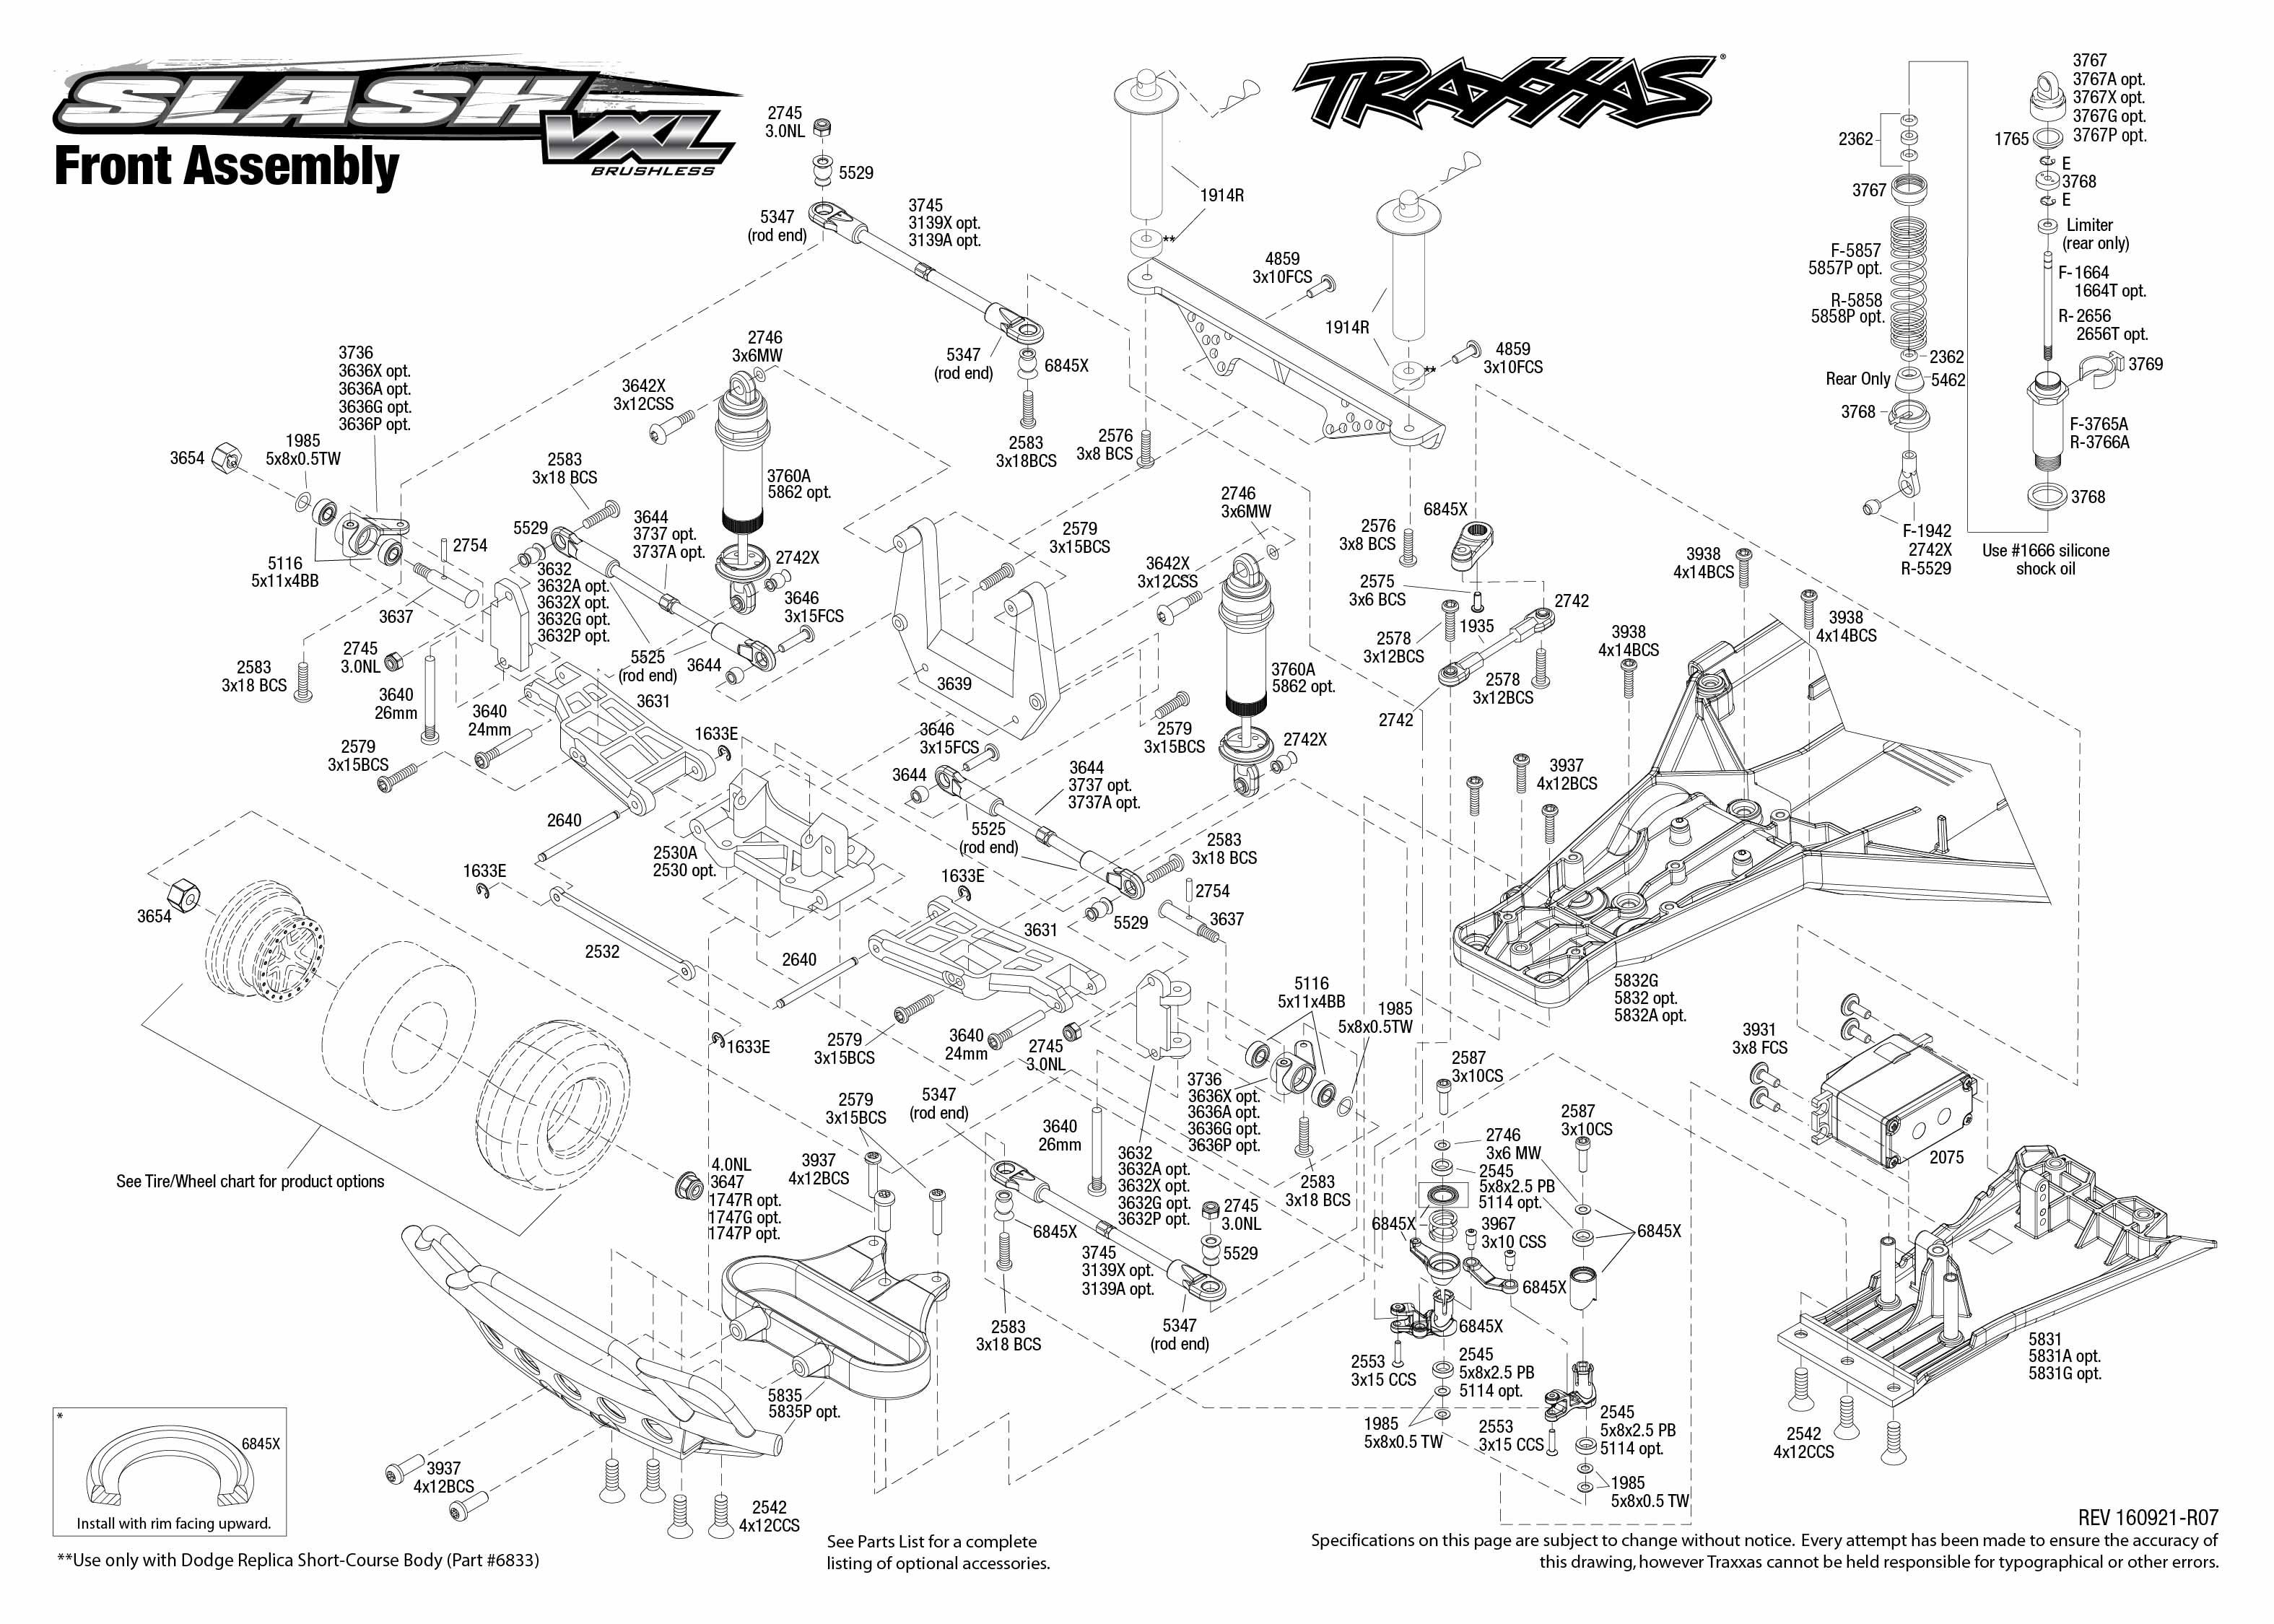 33 Traxxas Slash 2wd Parts Diagram